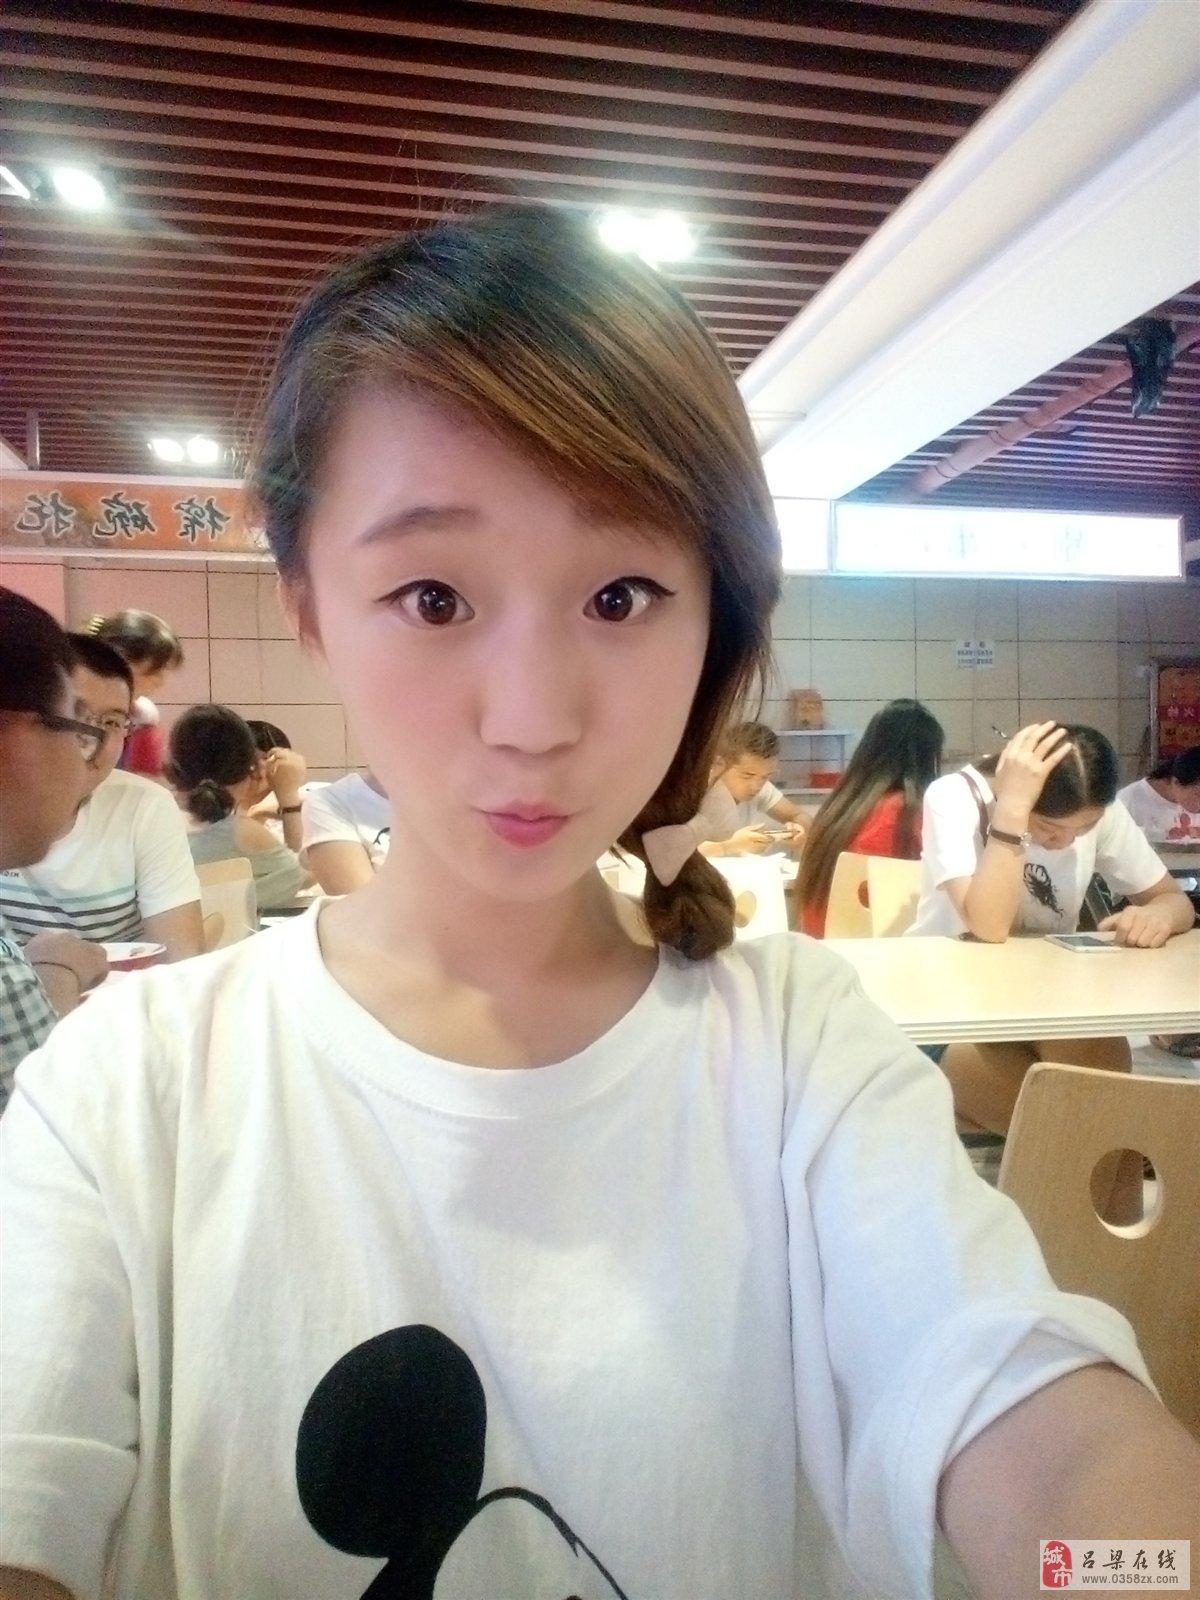 【美女秀场】张燕 20岁